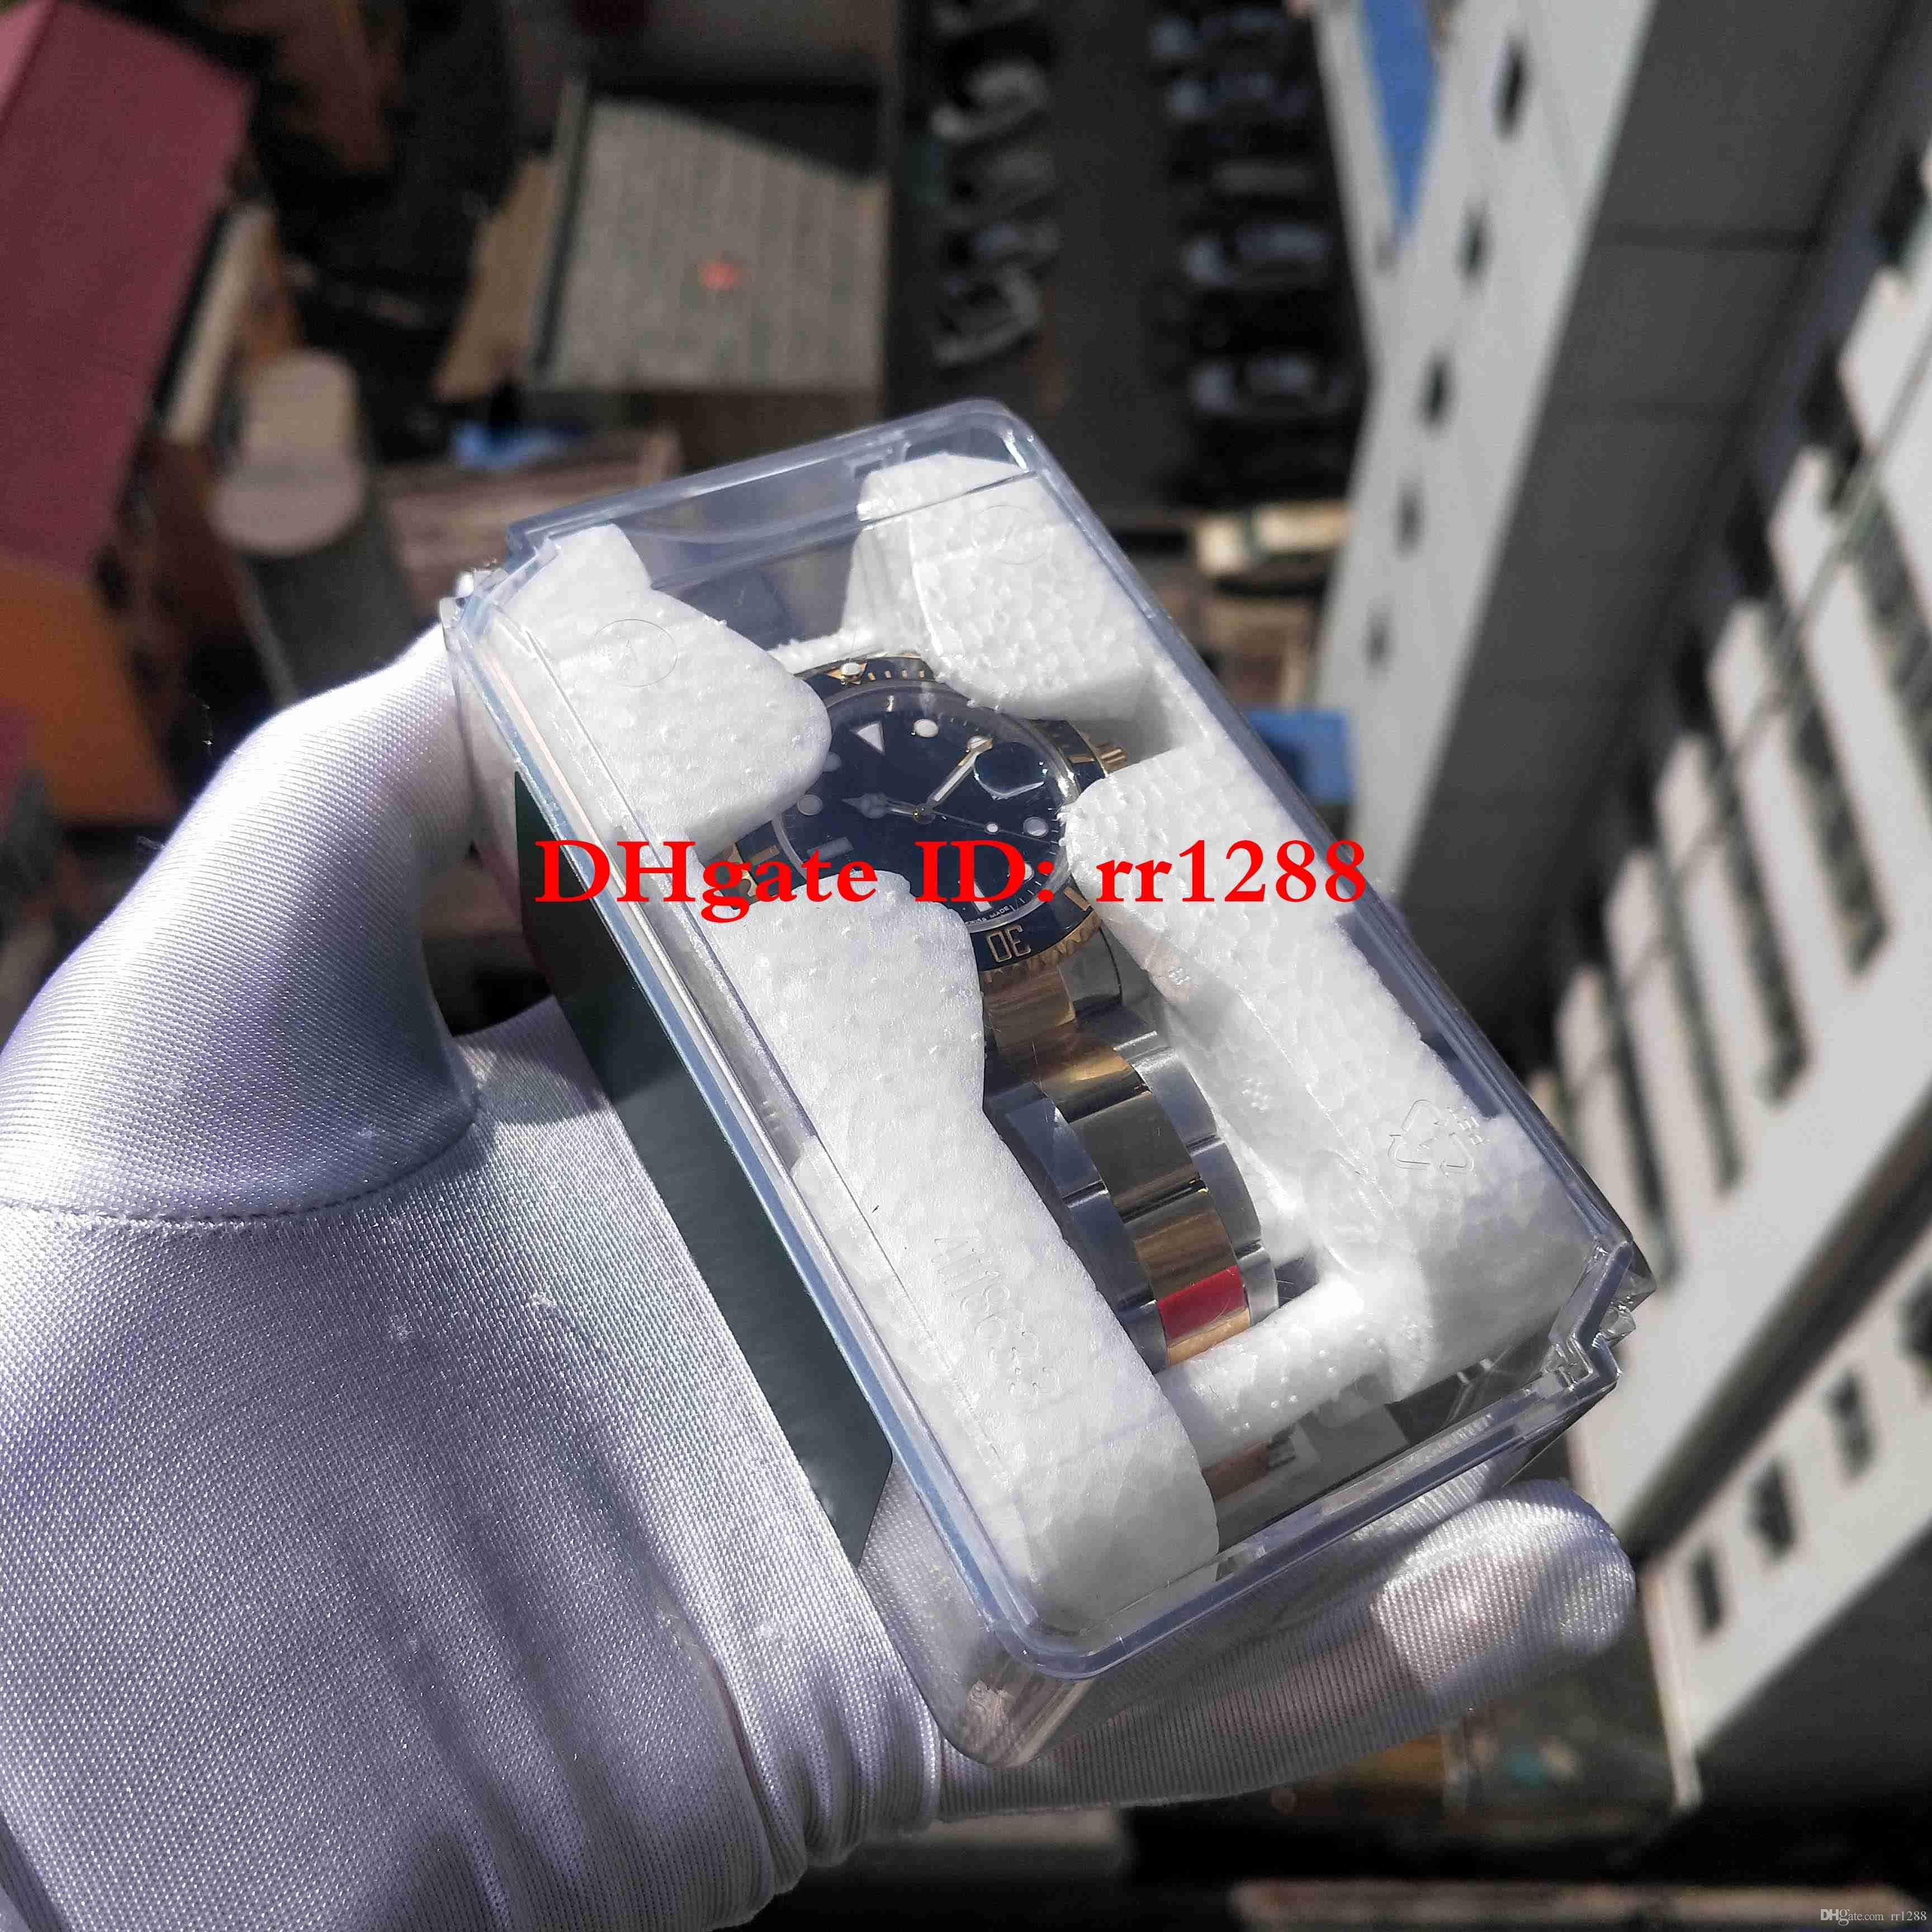 Süper N Fabrika İzle 116613LN 18 K 2813 Hareketi Seramik Çerçeve Safir Cam 40mm 116610 116613 Mens Saatler ile Yeni orijinal Plastik kutu